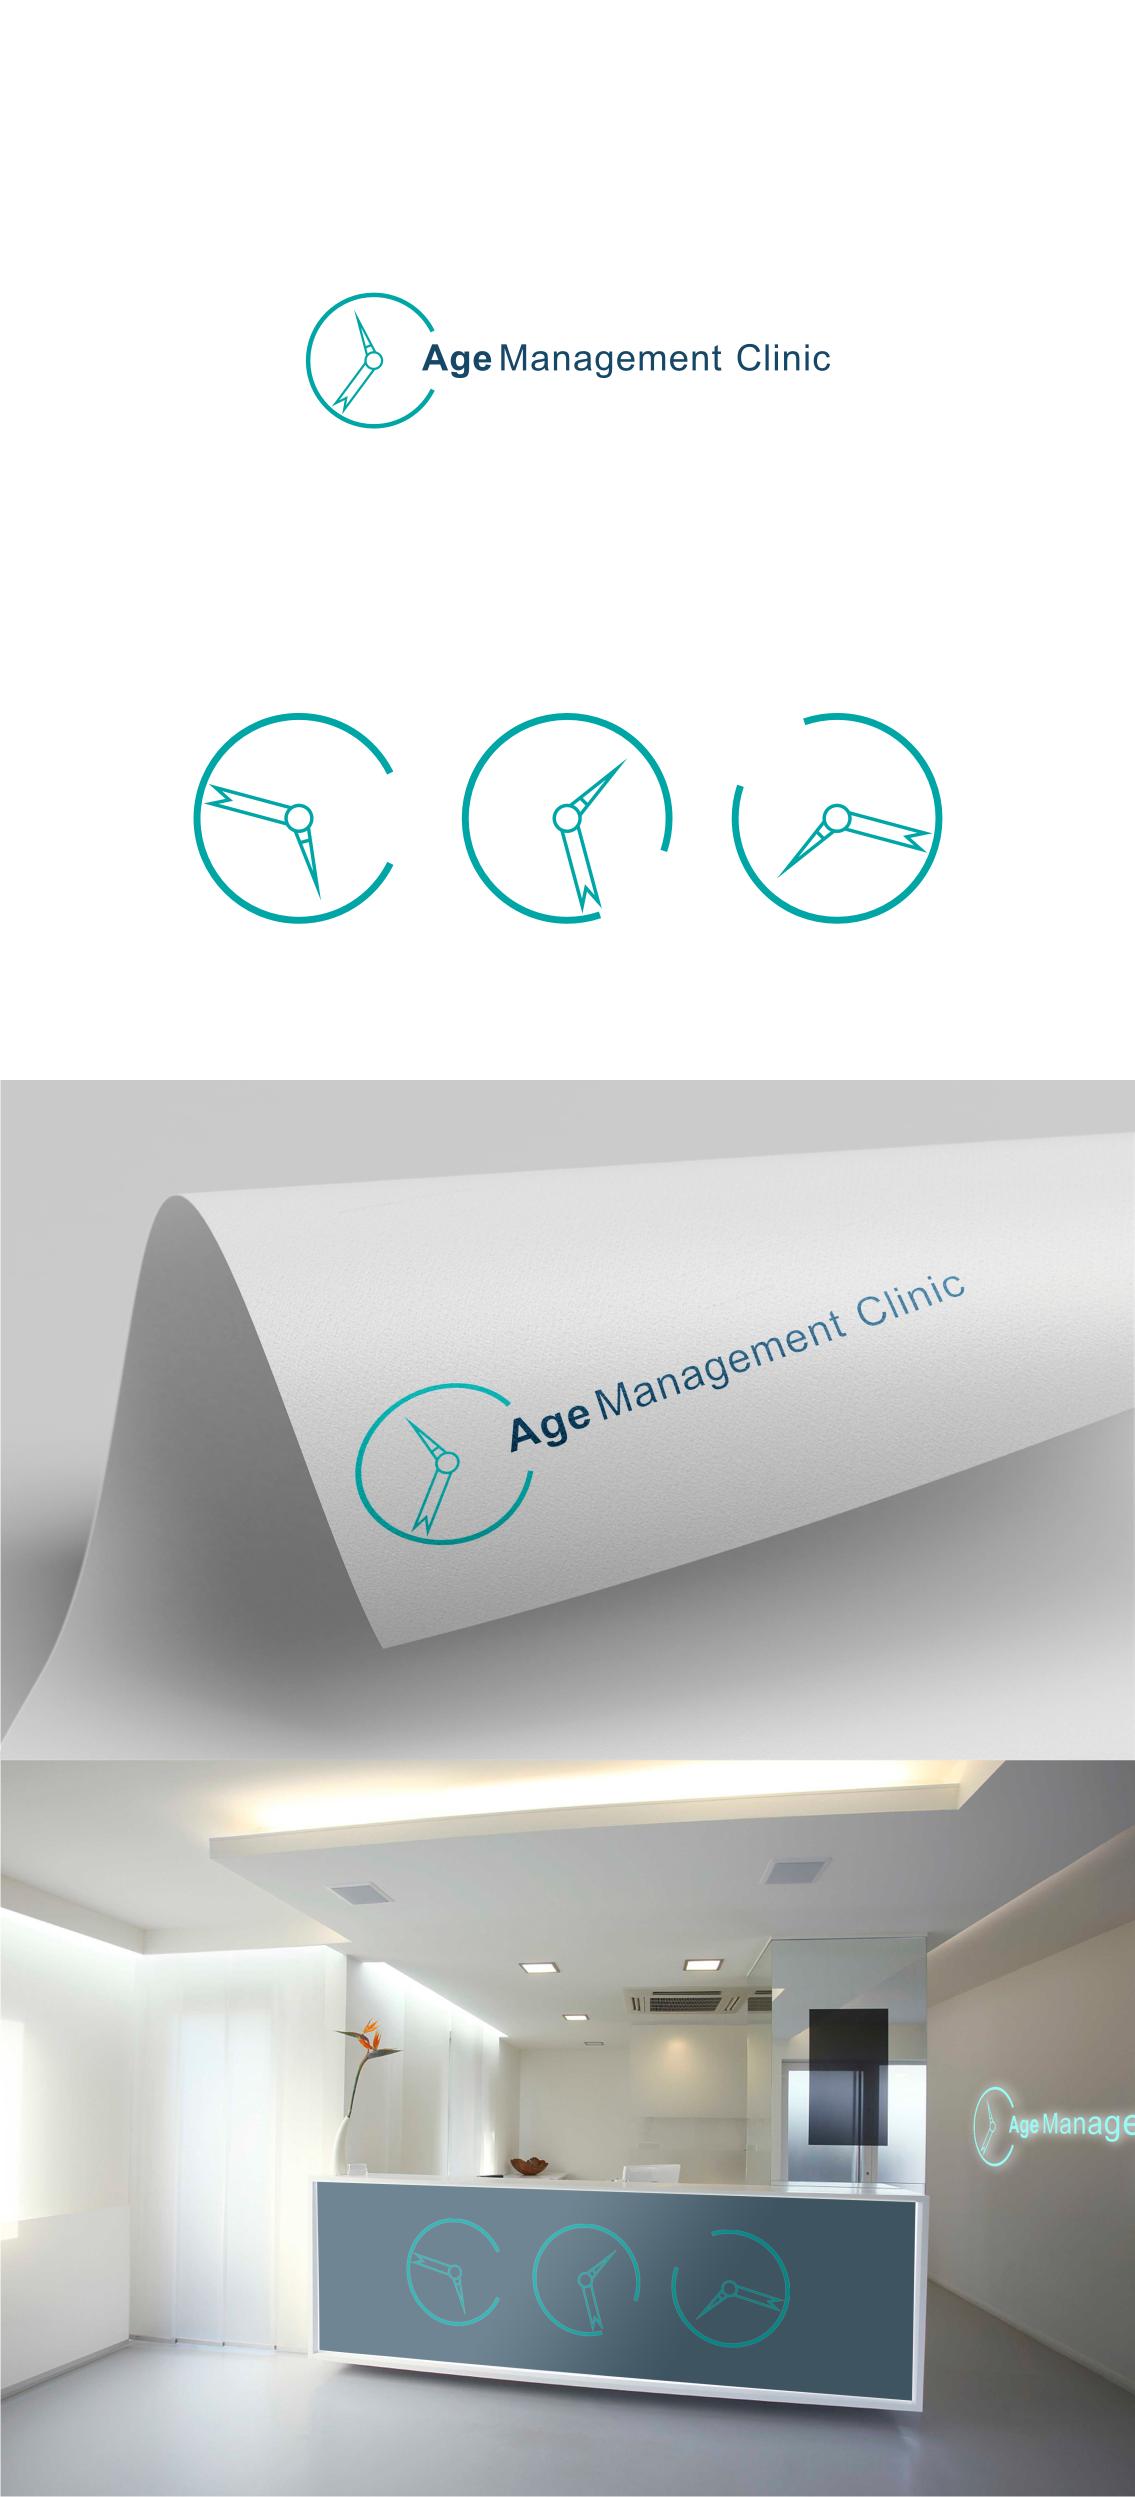 Логотип для медицинского центра (клиники)  фото f_8565b9822fc123f4.png